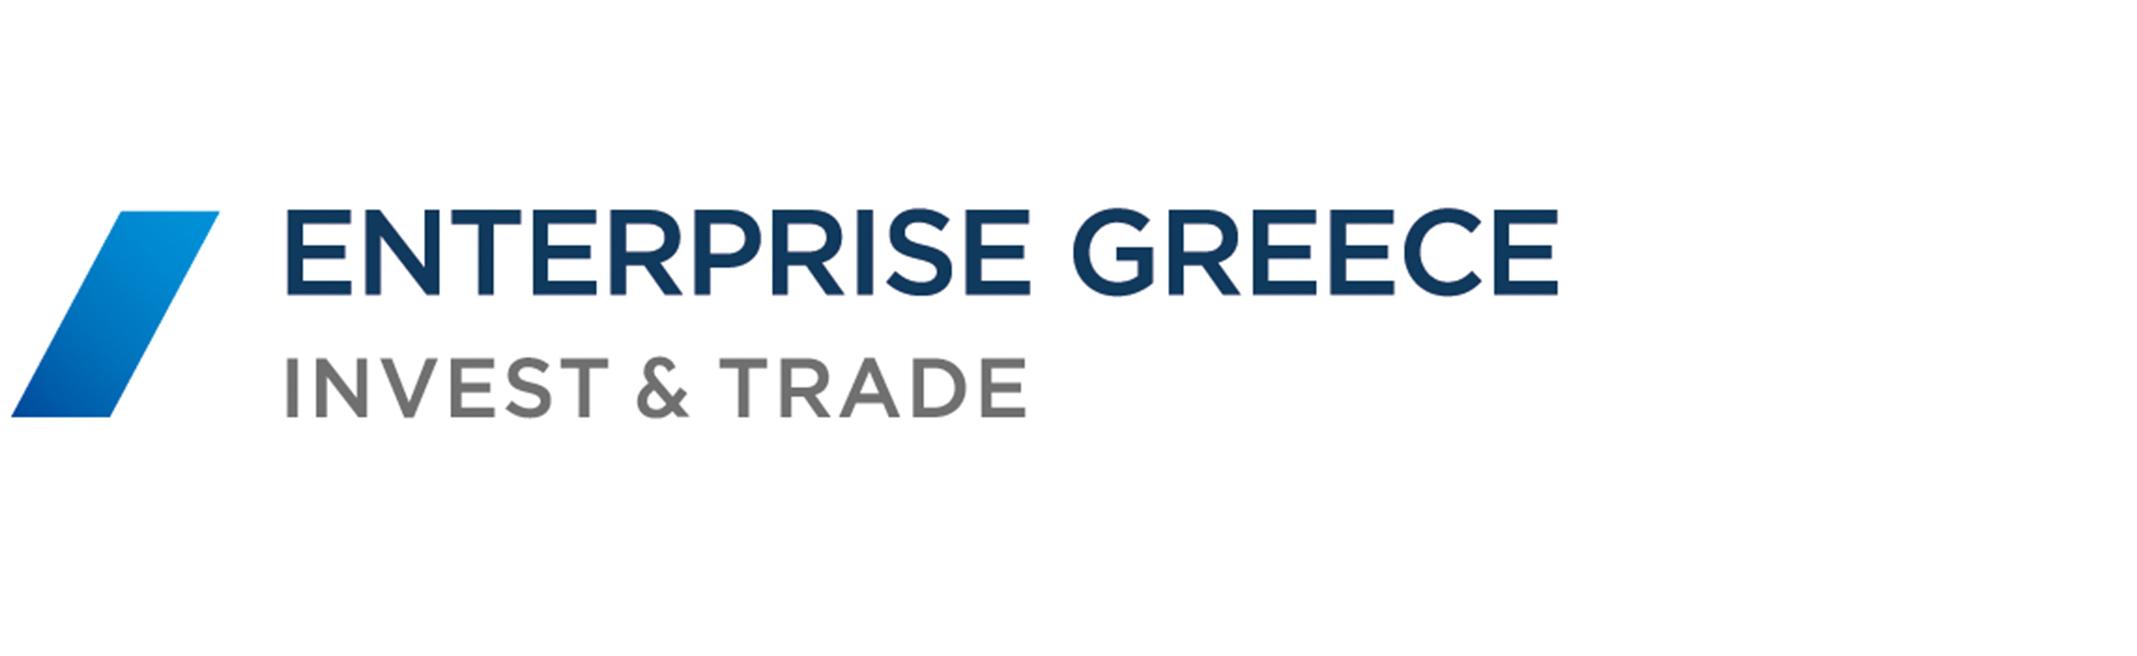 enterprise-greece-logo